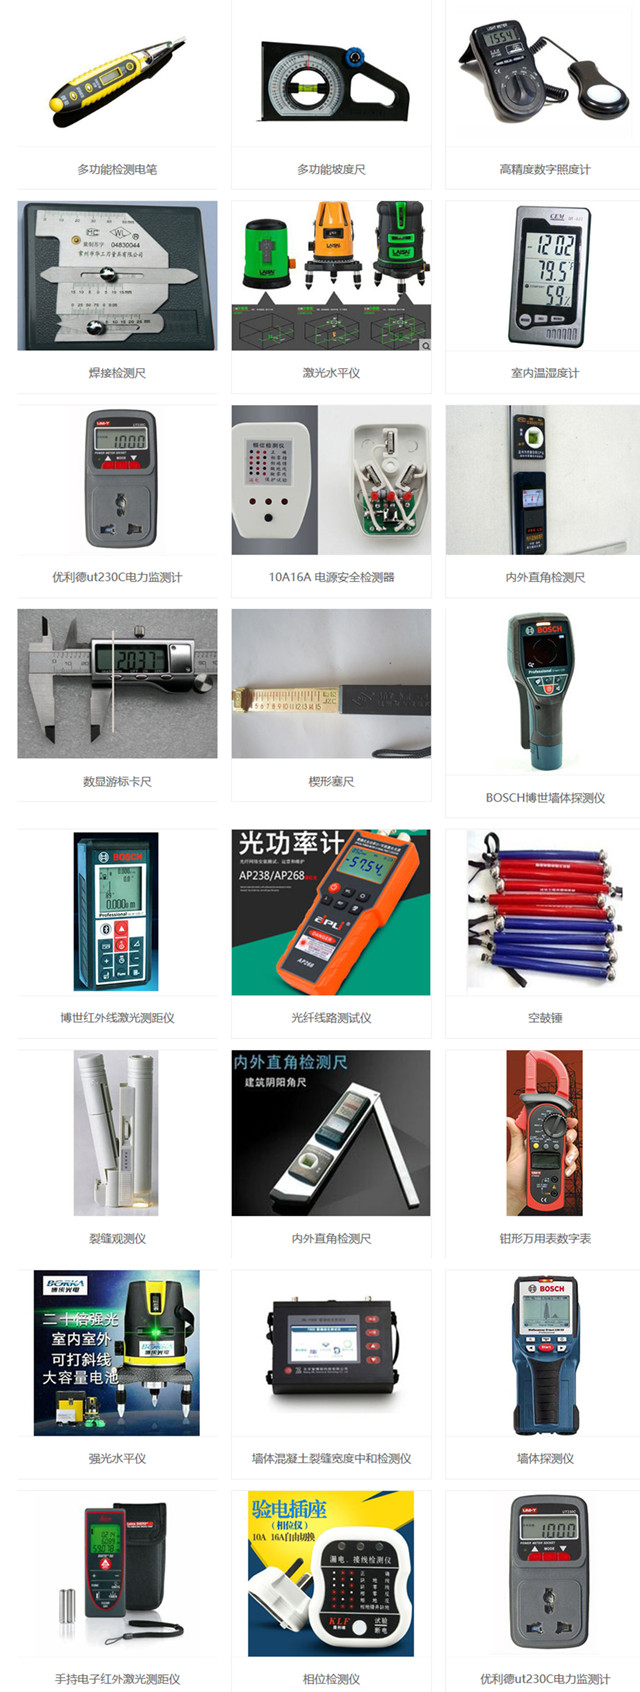 專業驗房工具